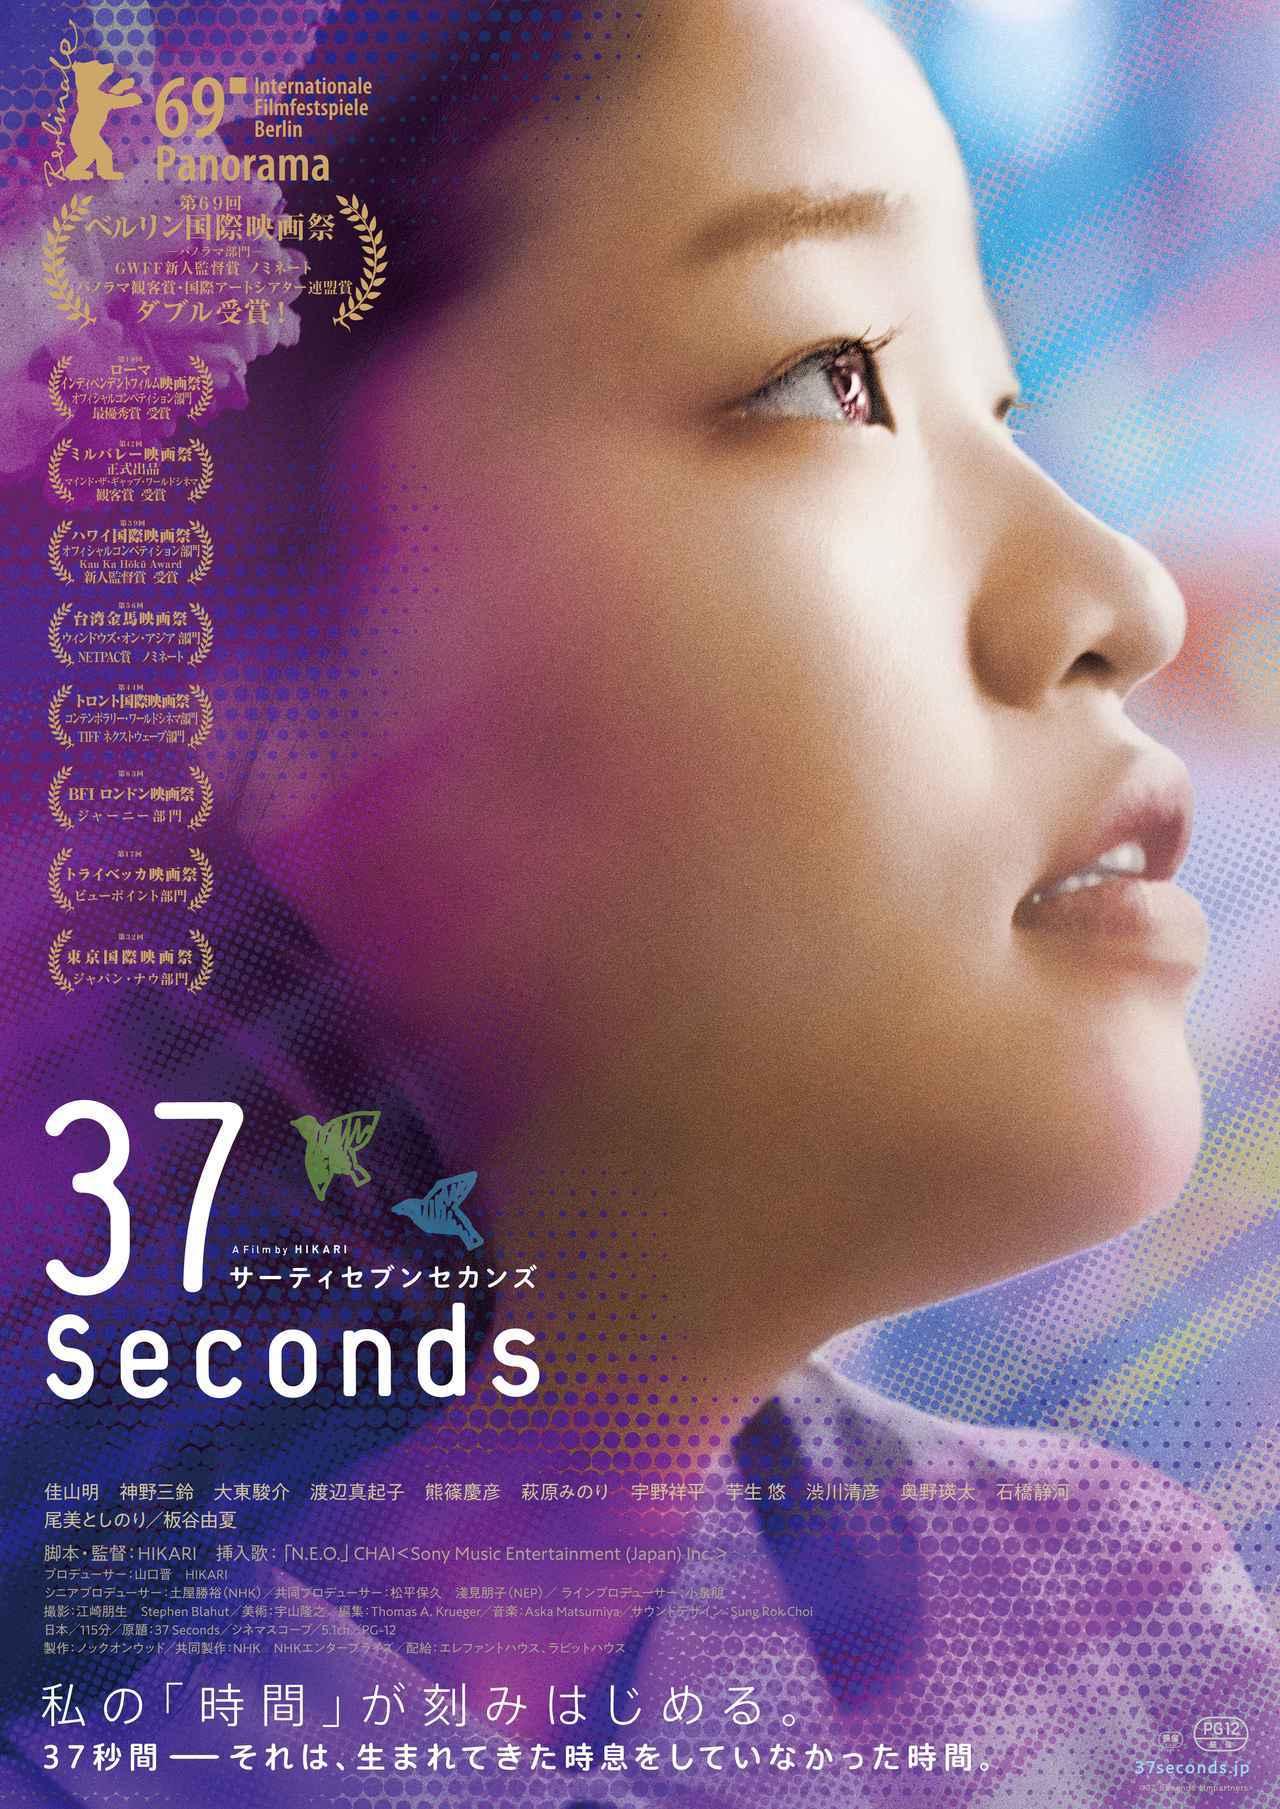 画像: (C)37Seconds filmpartners